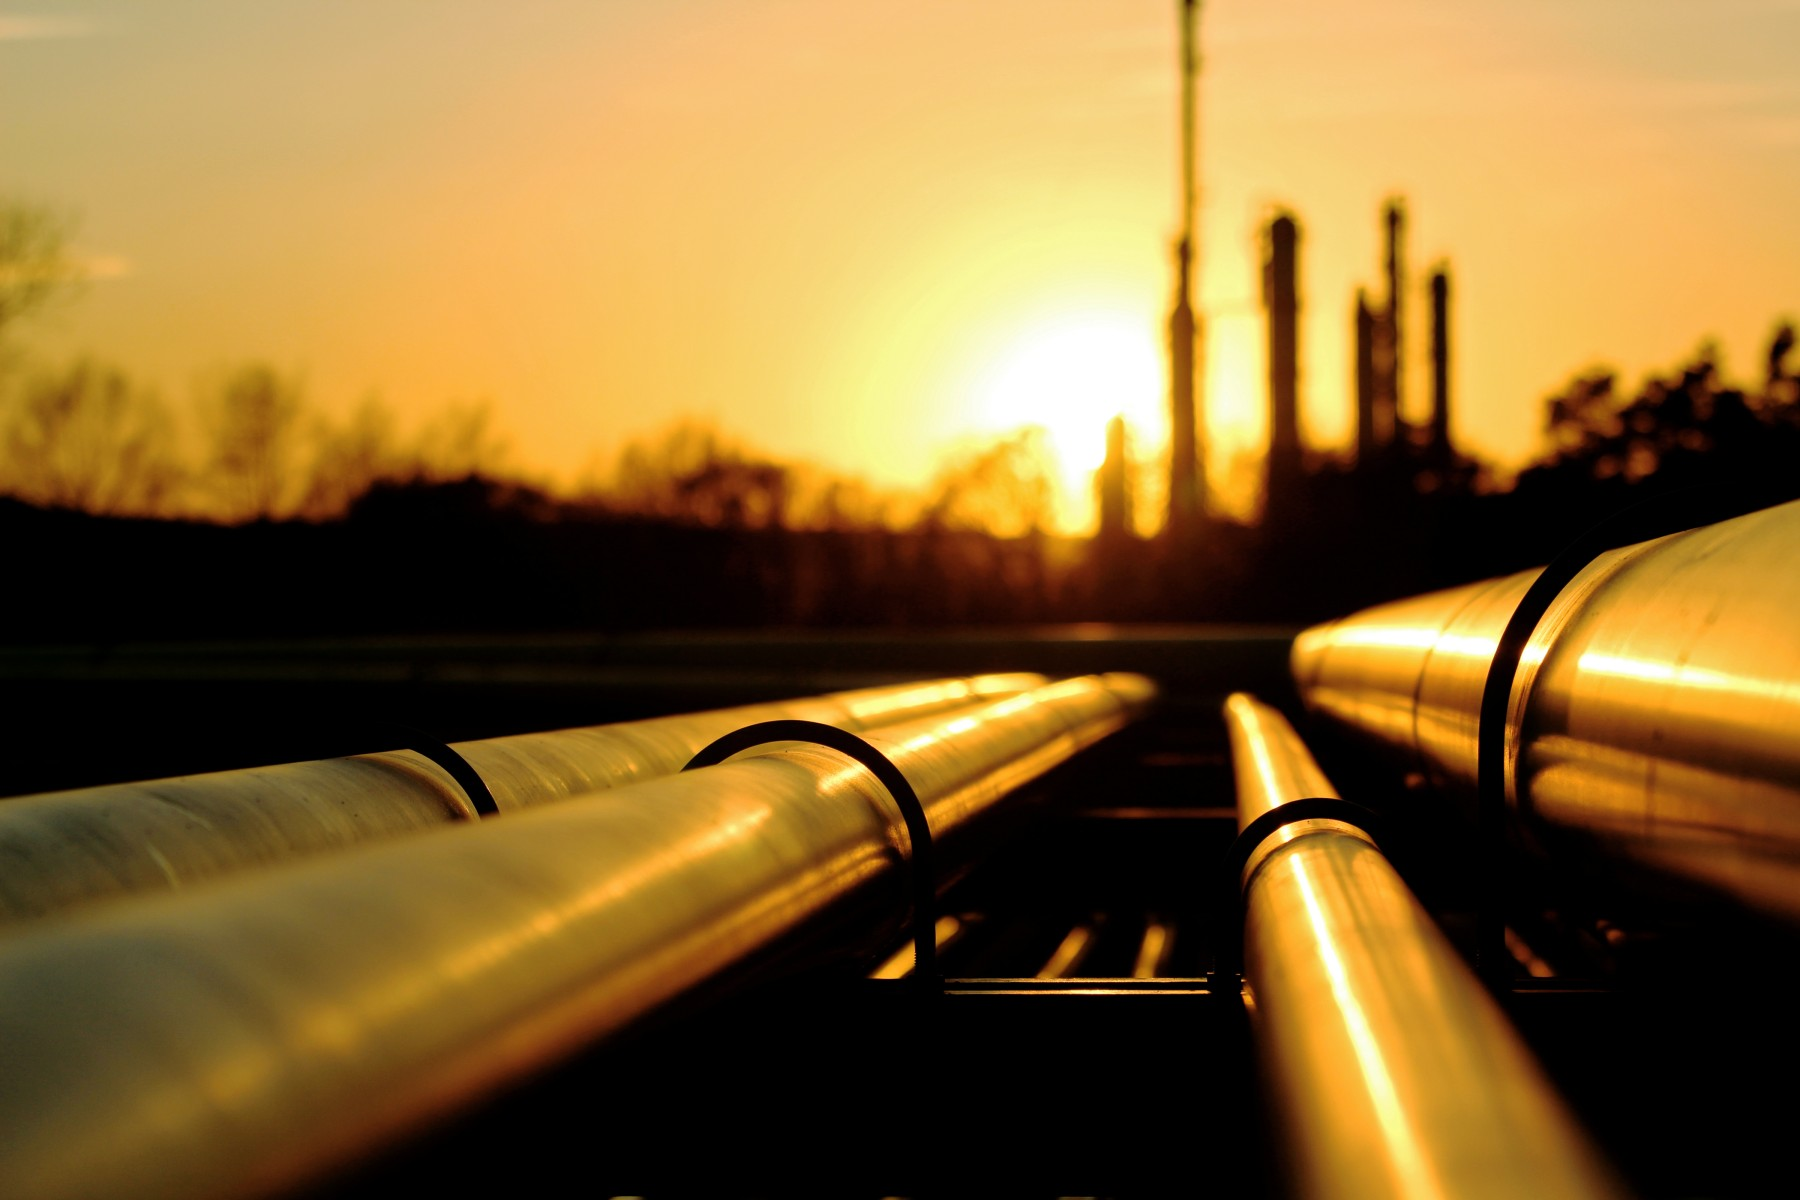 Sunrise over oil pipelines.